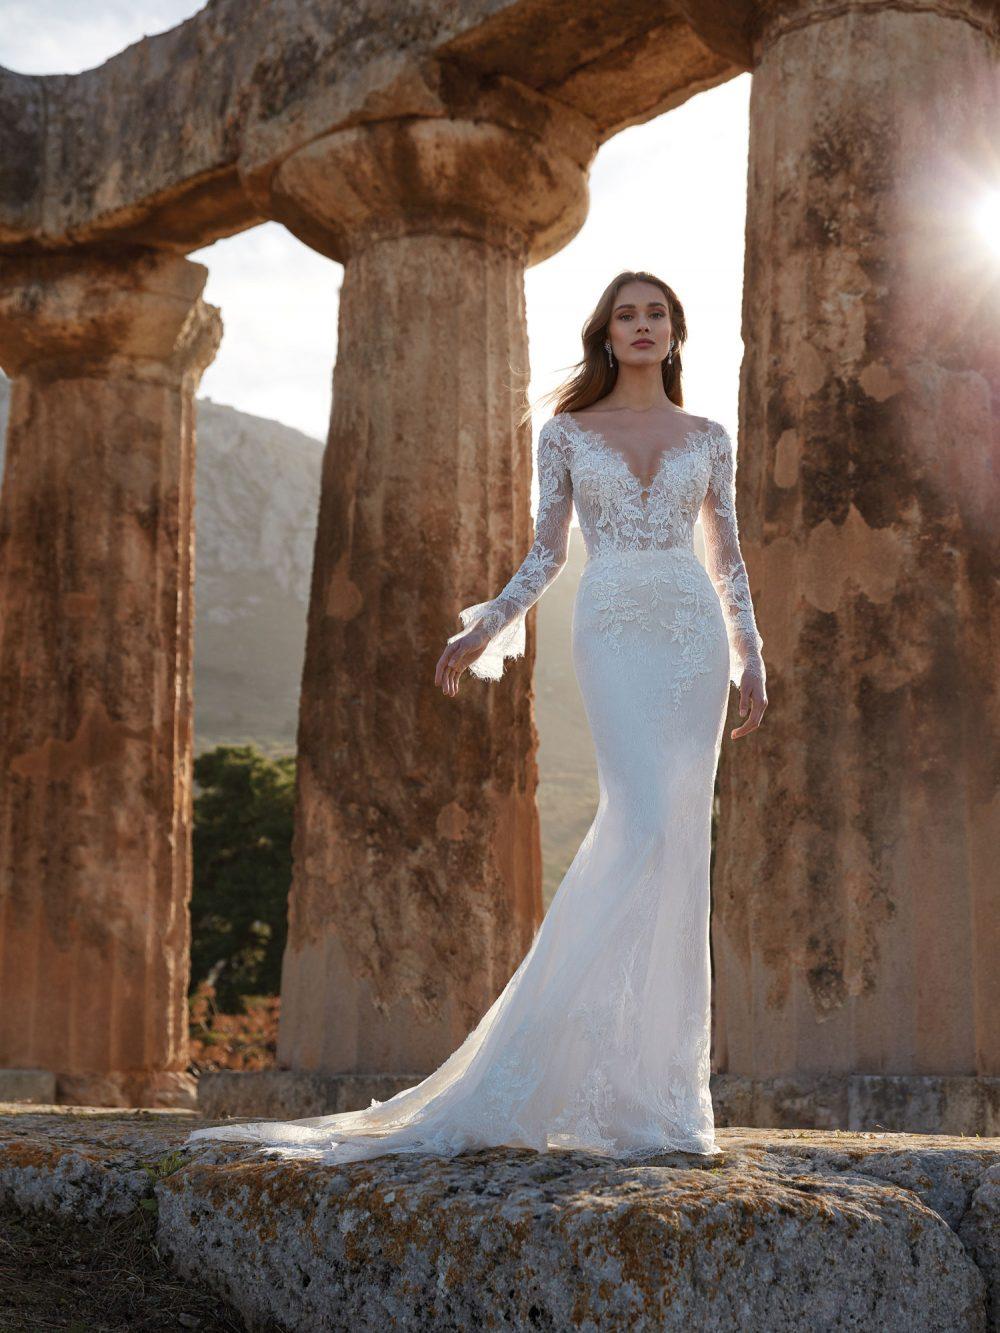 Nicole 2022 abito vestito sposa Vicenza ECATE